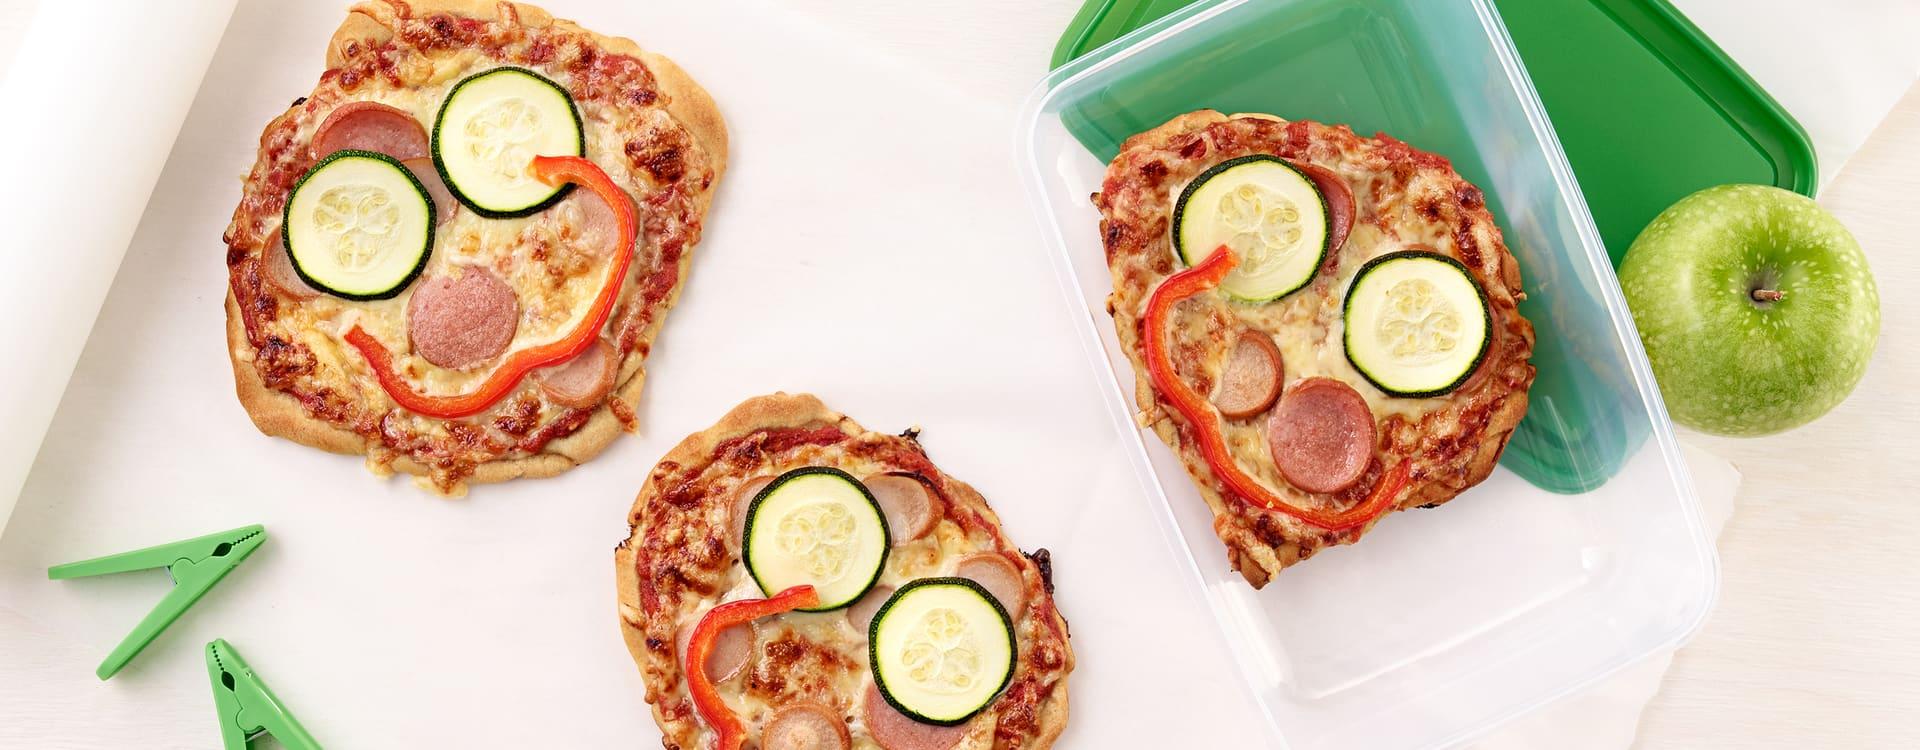 Barnas pizza med pølser grønnsaksketchup og ost